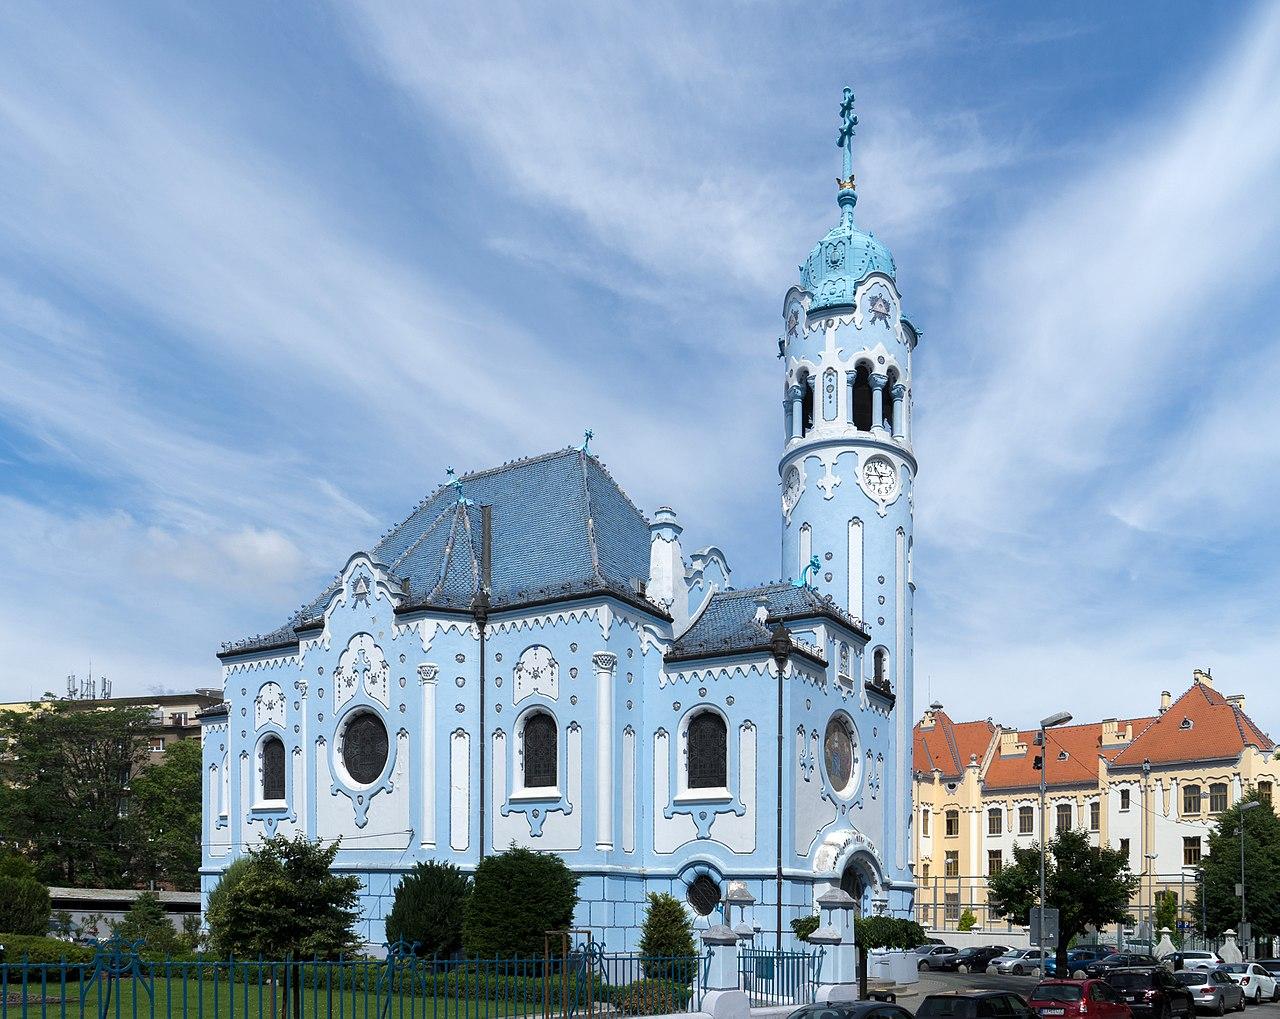 File:Rhede, St.-Gudula-Kirche -- 2014 -- 2203.jpg